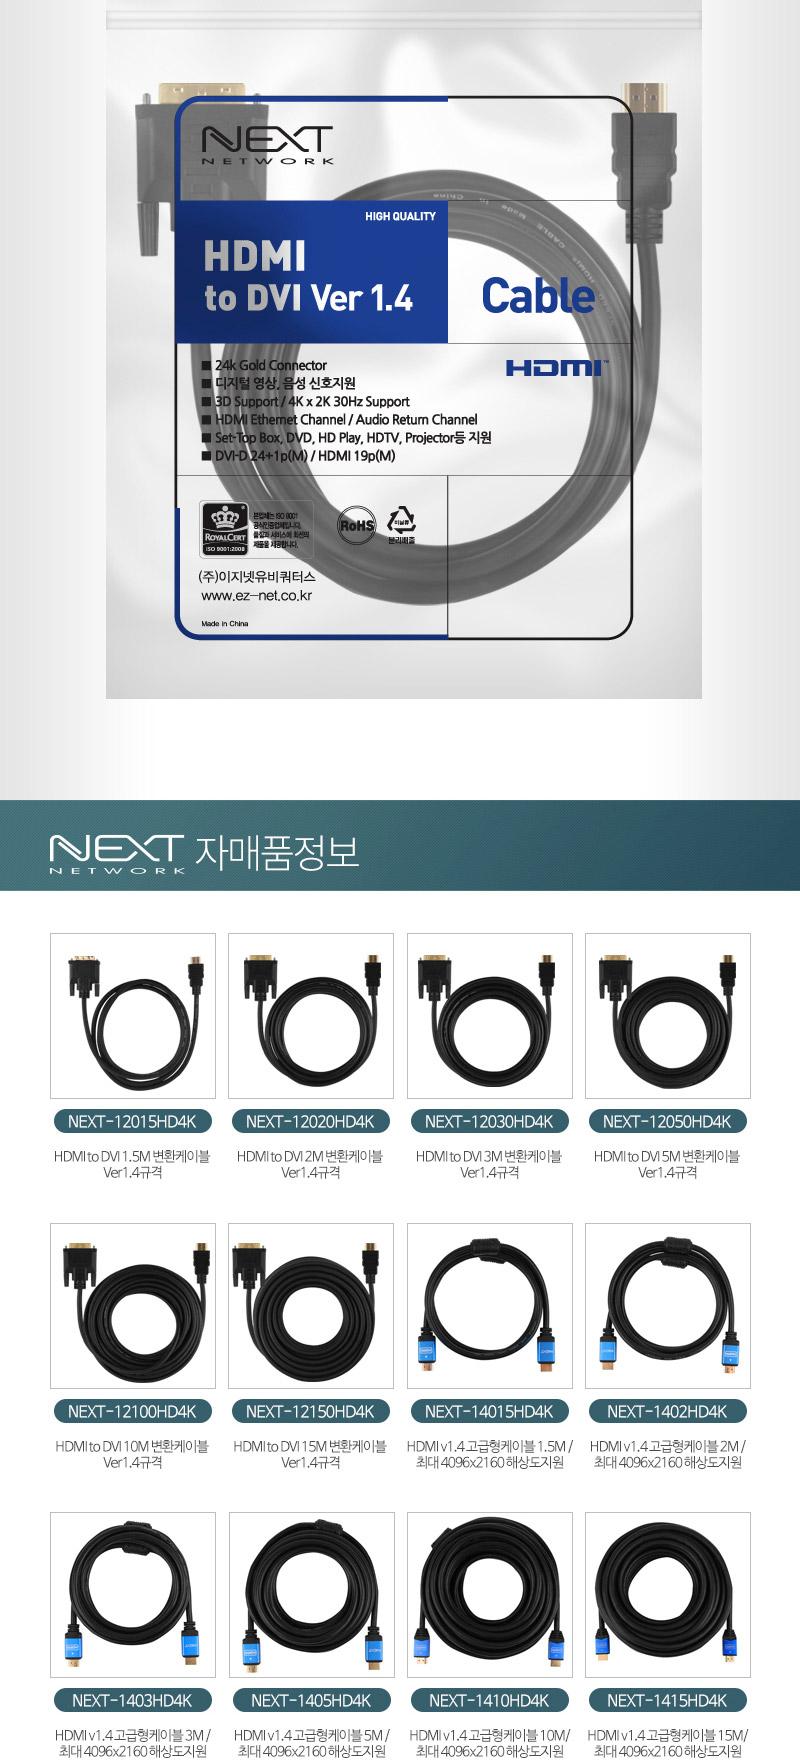 NEXT-12020HD4K_11.jpg